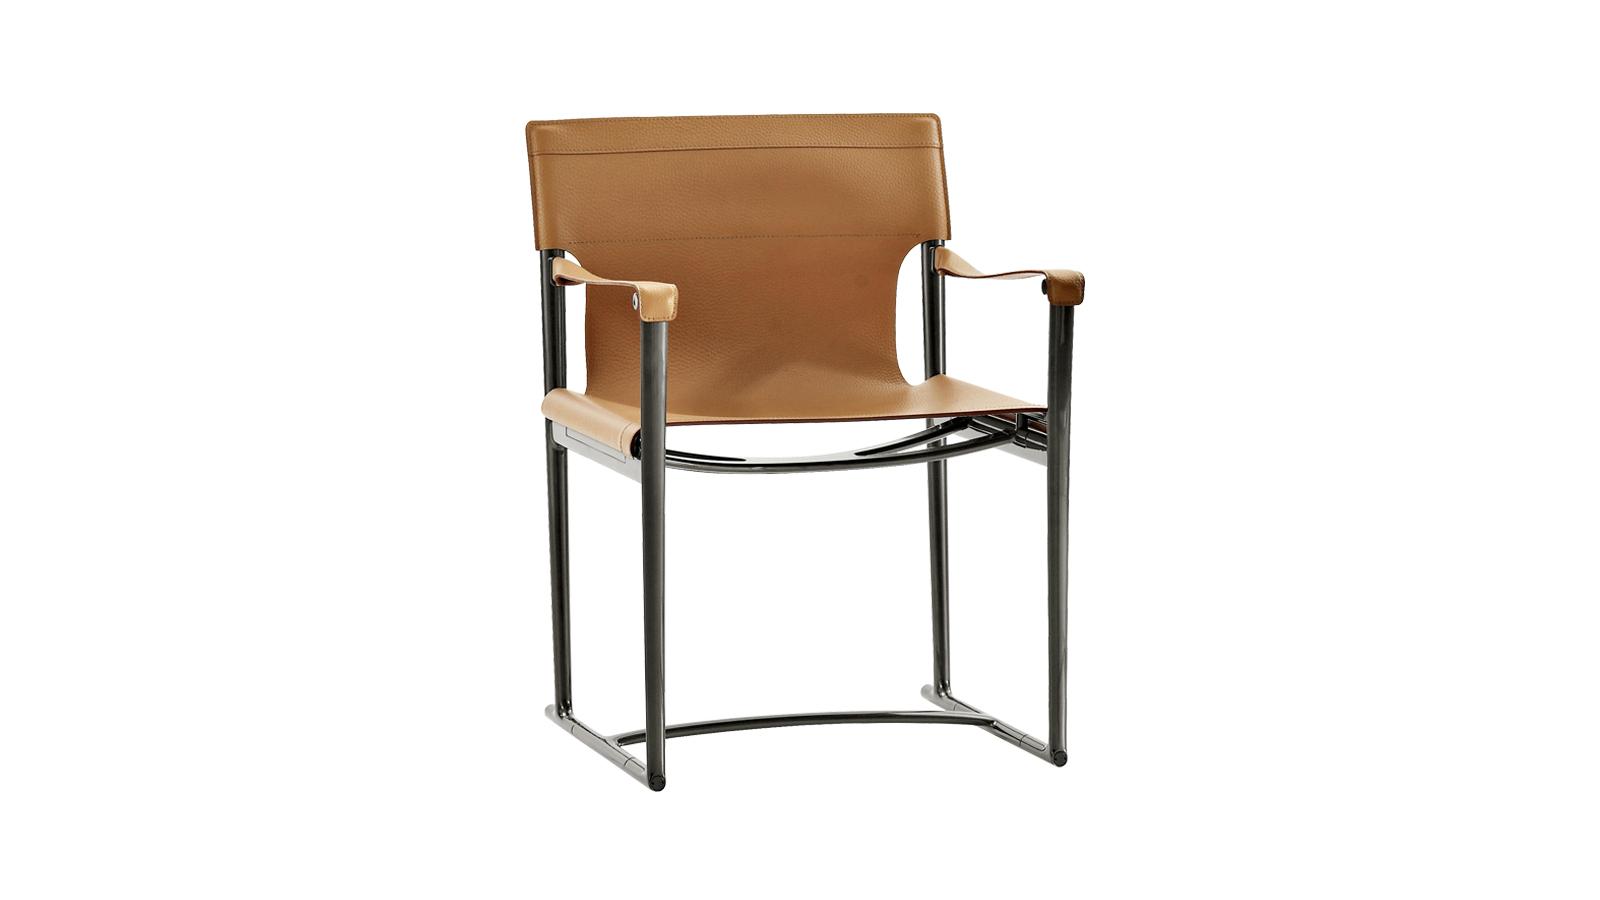 A klasszikus rendezői széket értelmezi újra, és látja el kortárs jellemzőkkel a Mirto. A minőségi bőrülés nemcsak strapabíró, de alkalmazkodik is használója testéhez. Összecsukható kialakításának hála vendégszékként, de fotózások, forgatások kellékeként is használható.